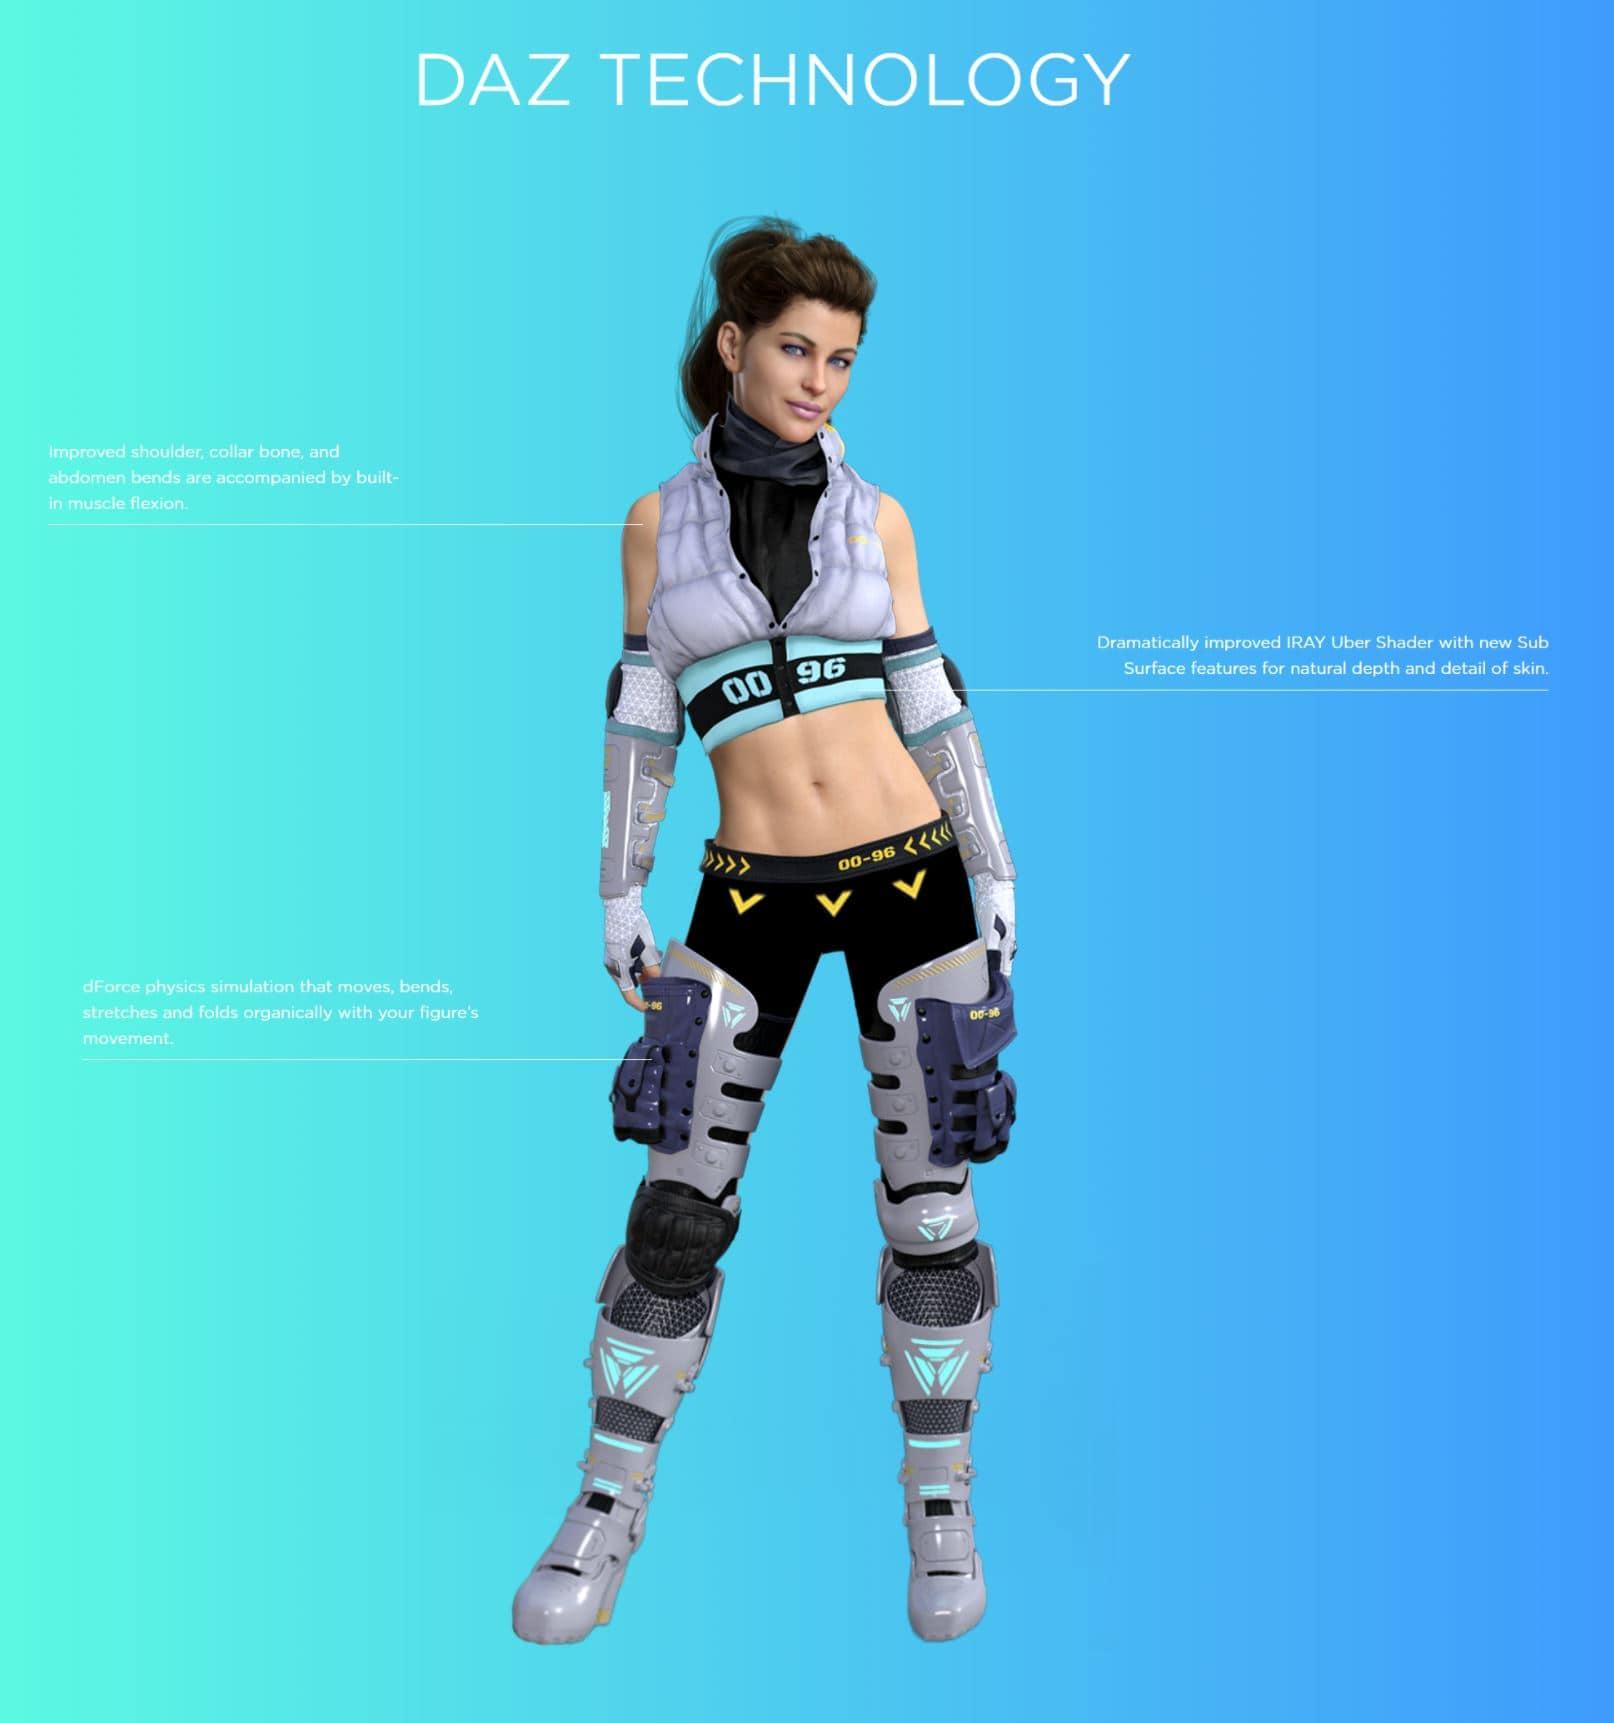 Daz Genesis Figure Technology